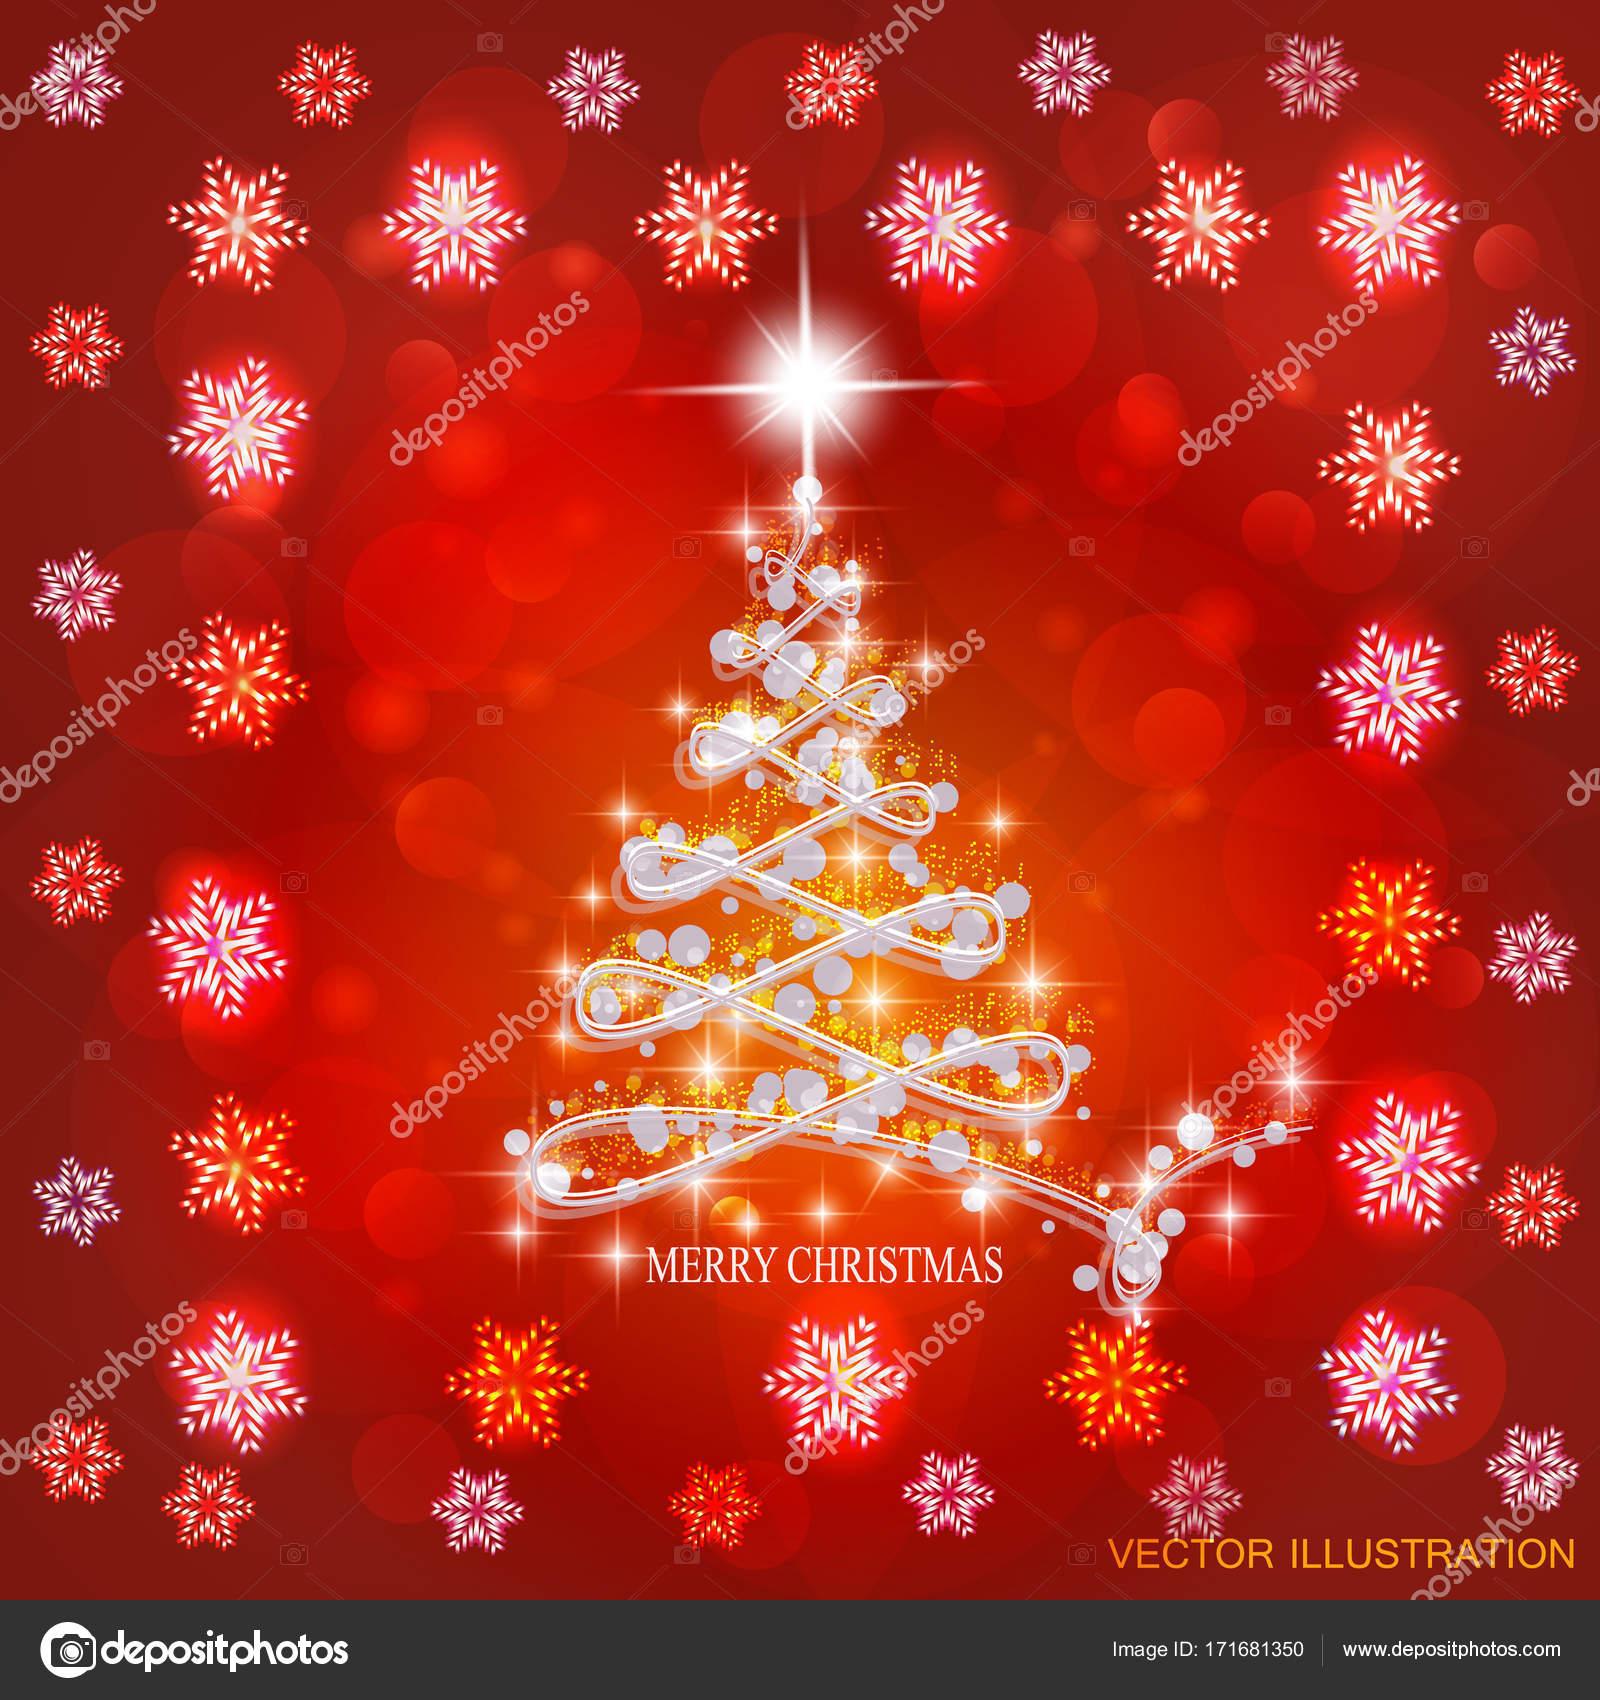 Sfondi Natalizi Luminosi.Illustrazione Natalizio Bianco E Rosso Sfondo Astratto Con